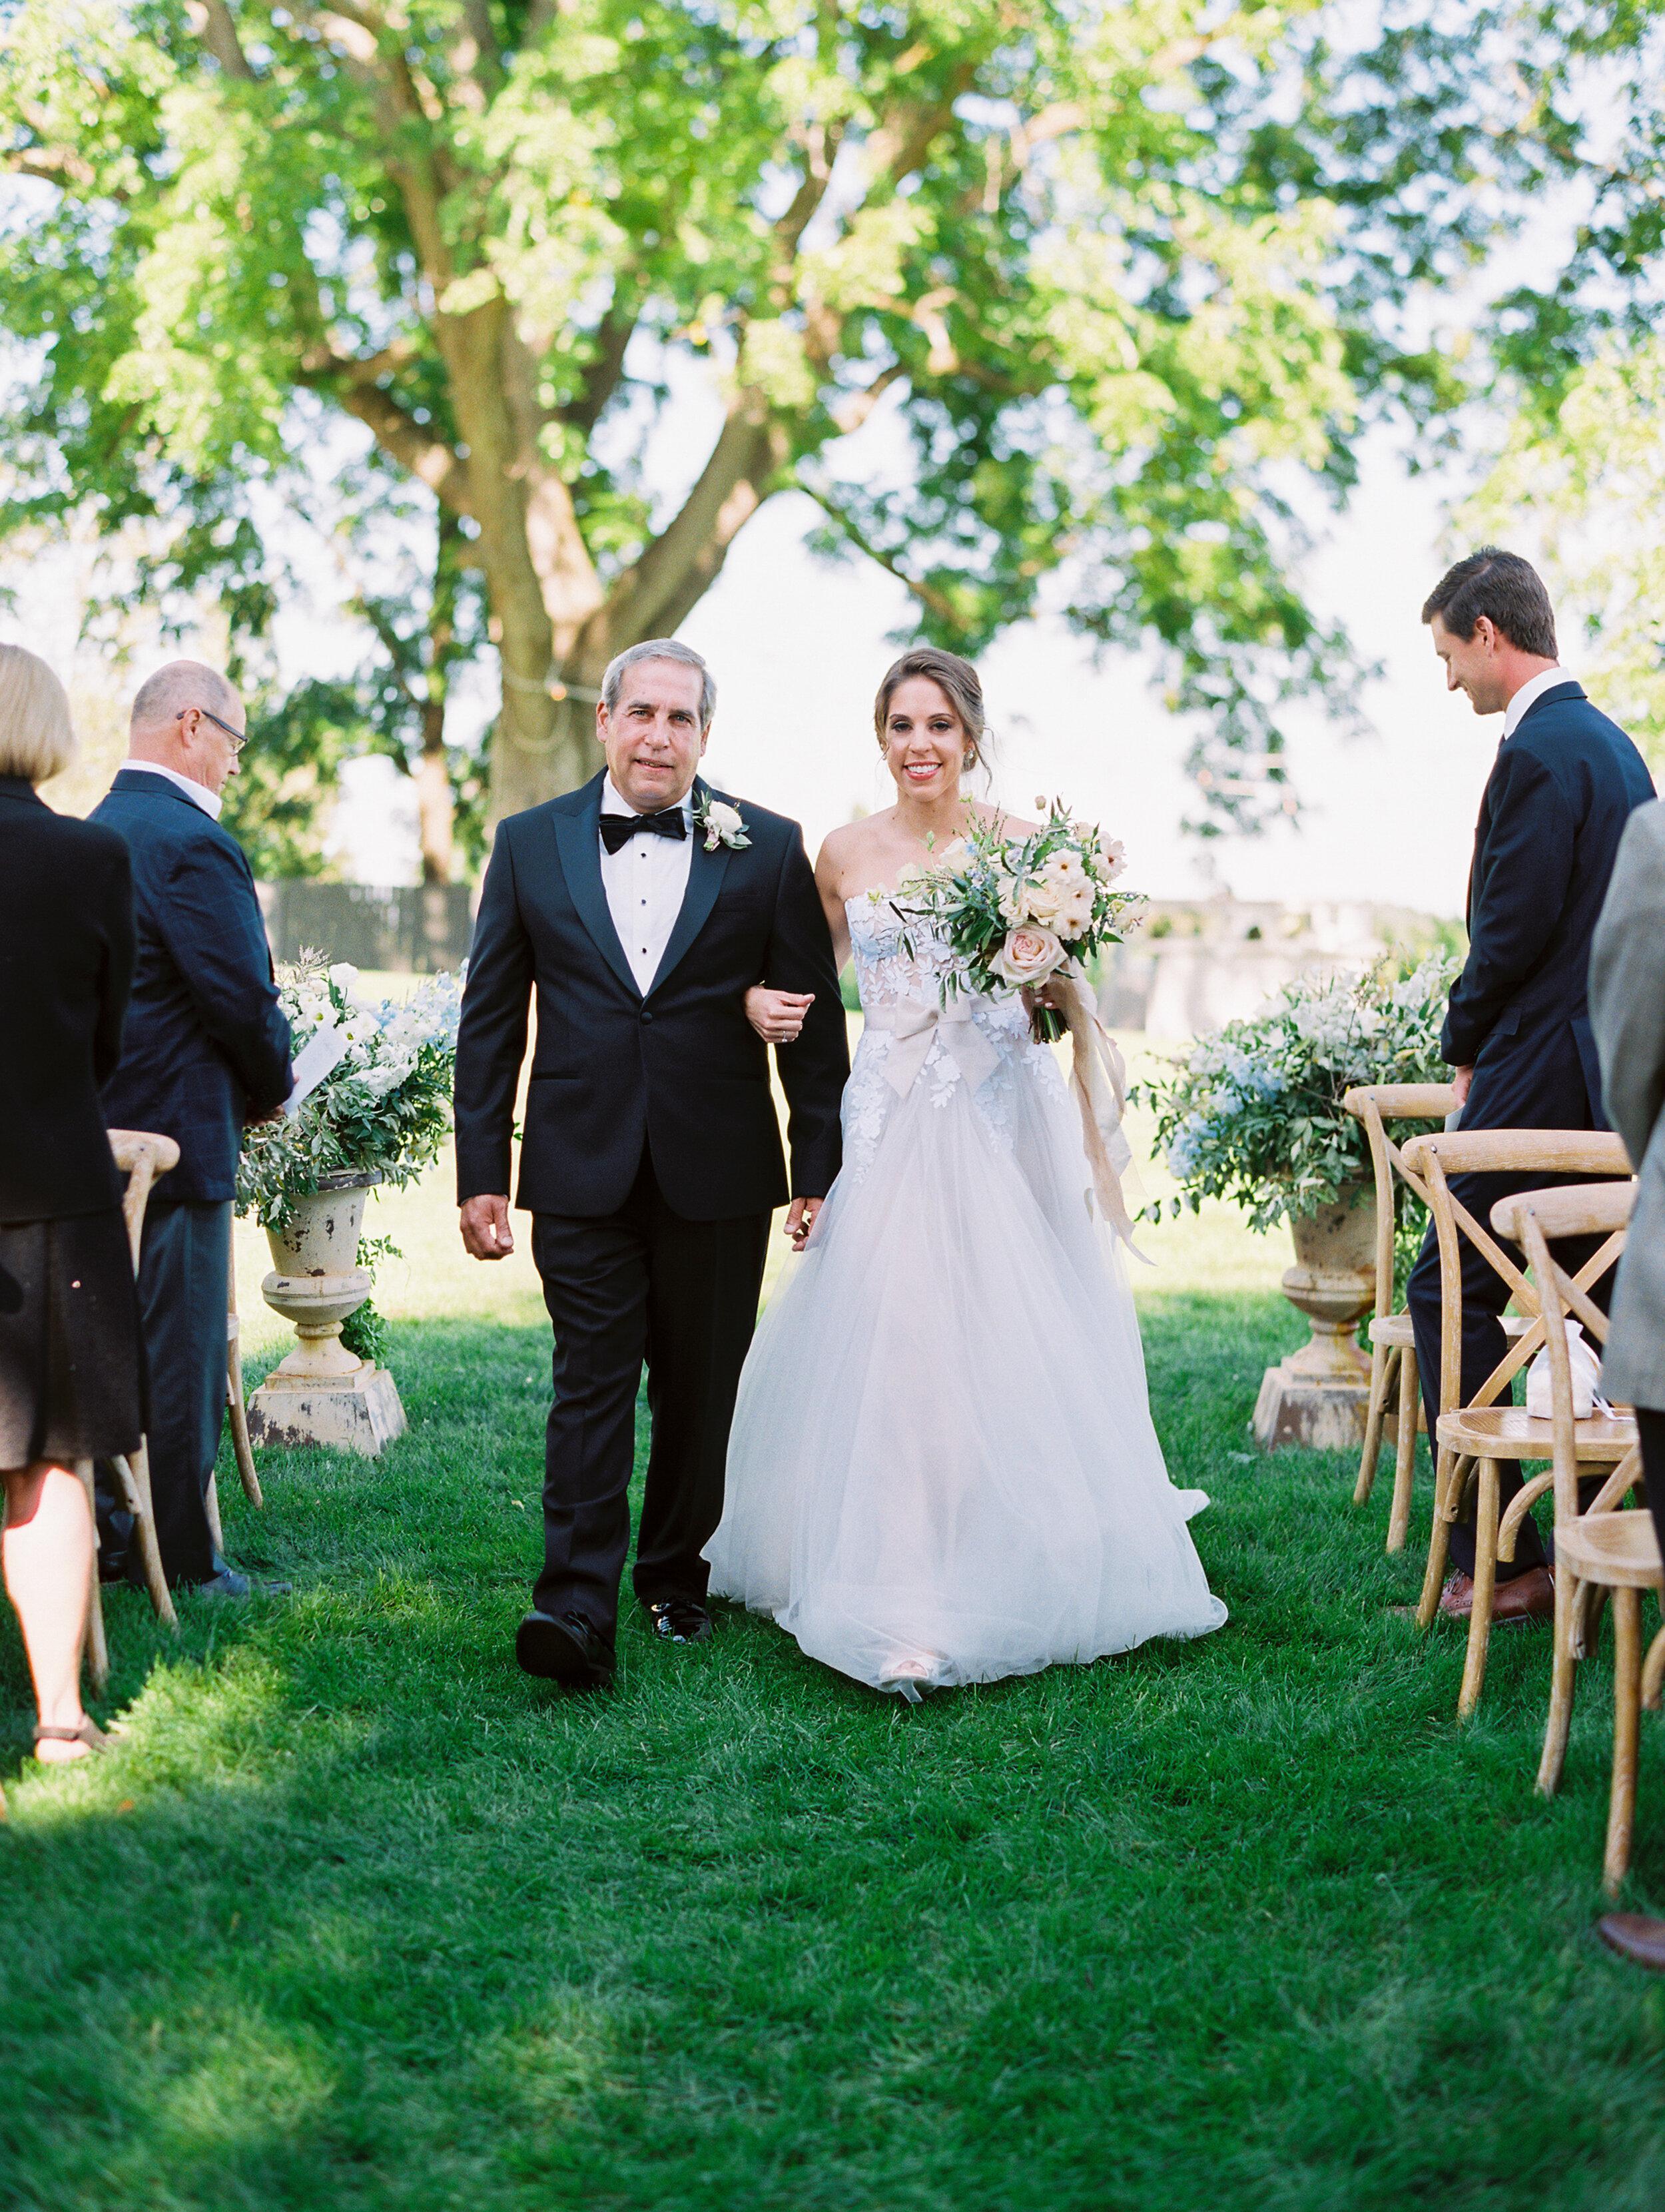 Steinlage+Wedding+Ceremony-133.jpg